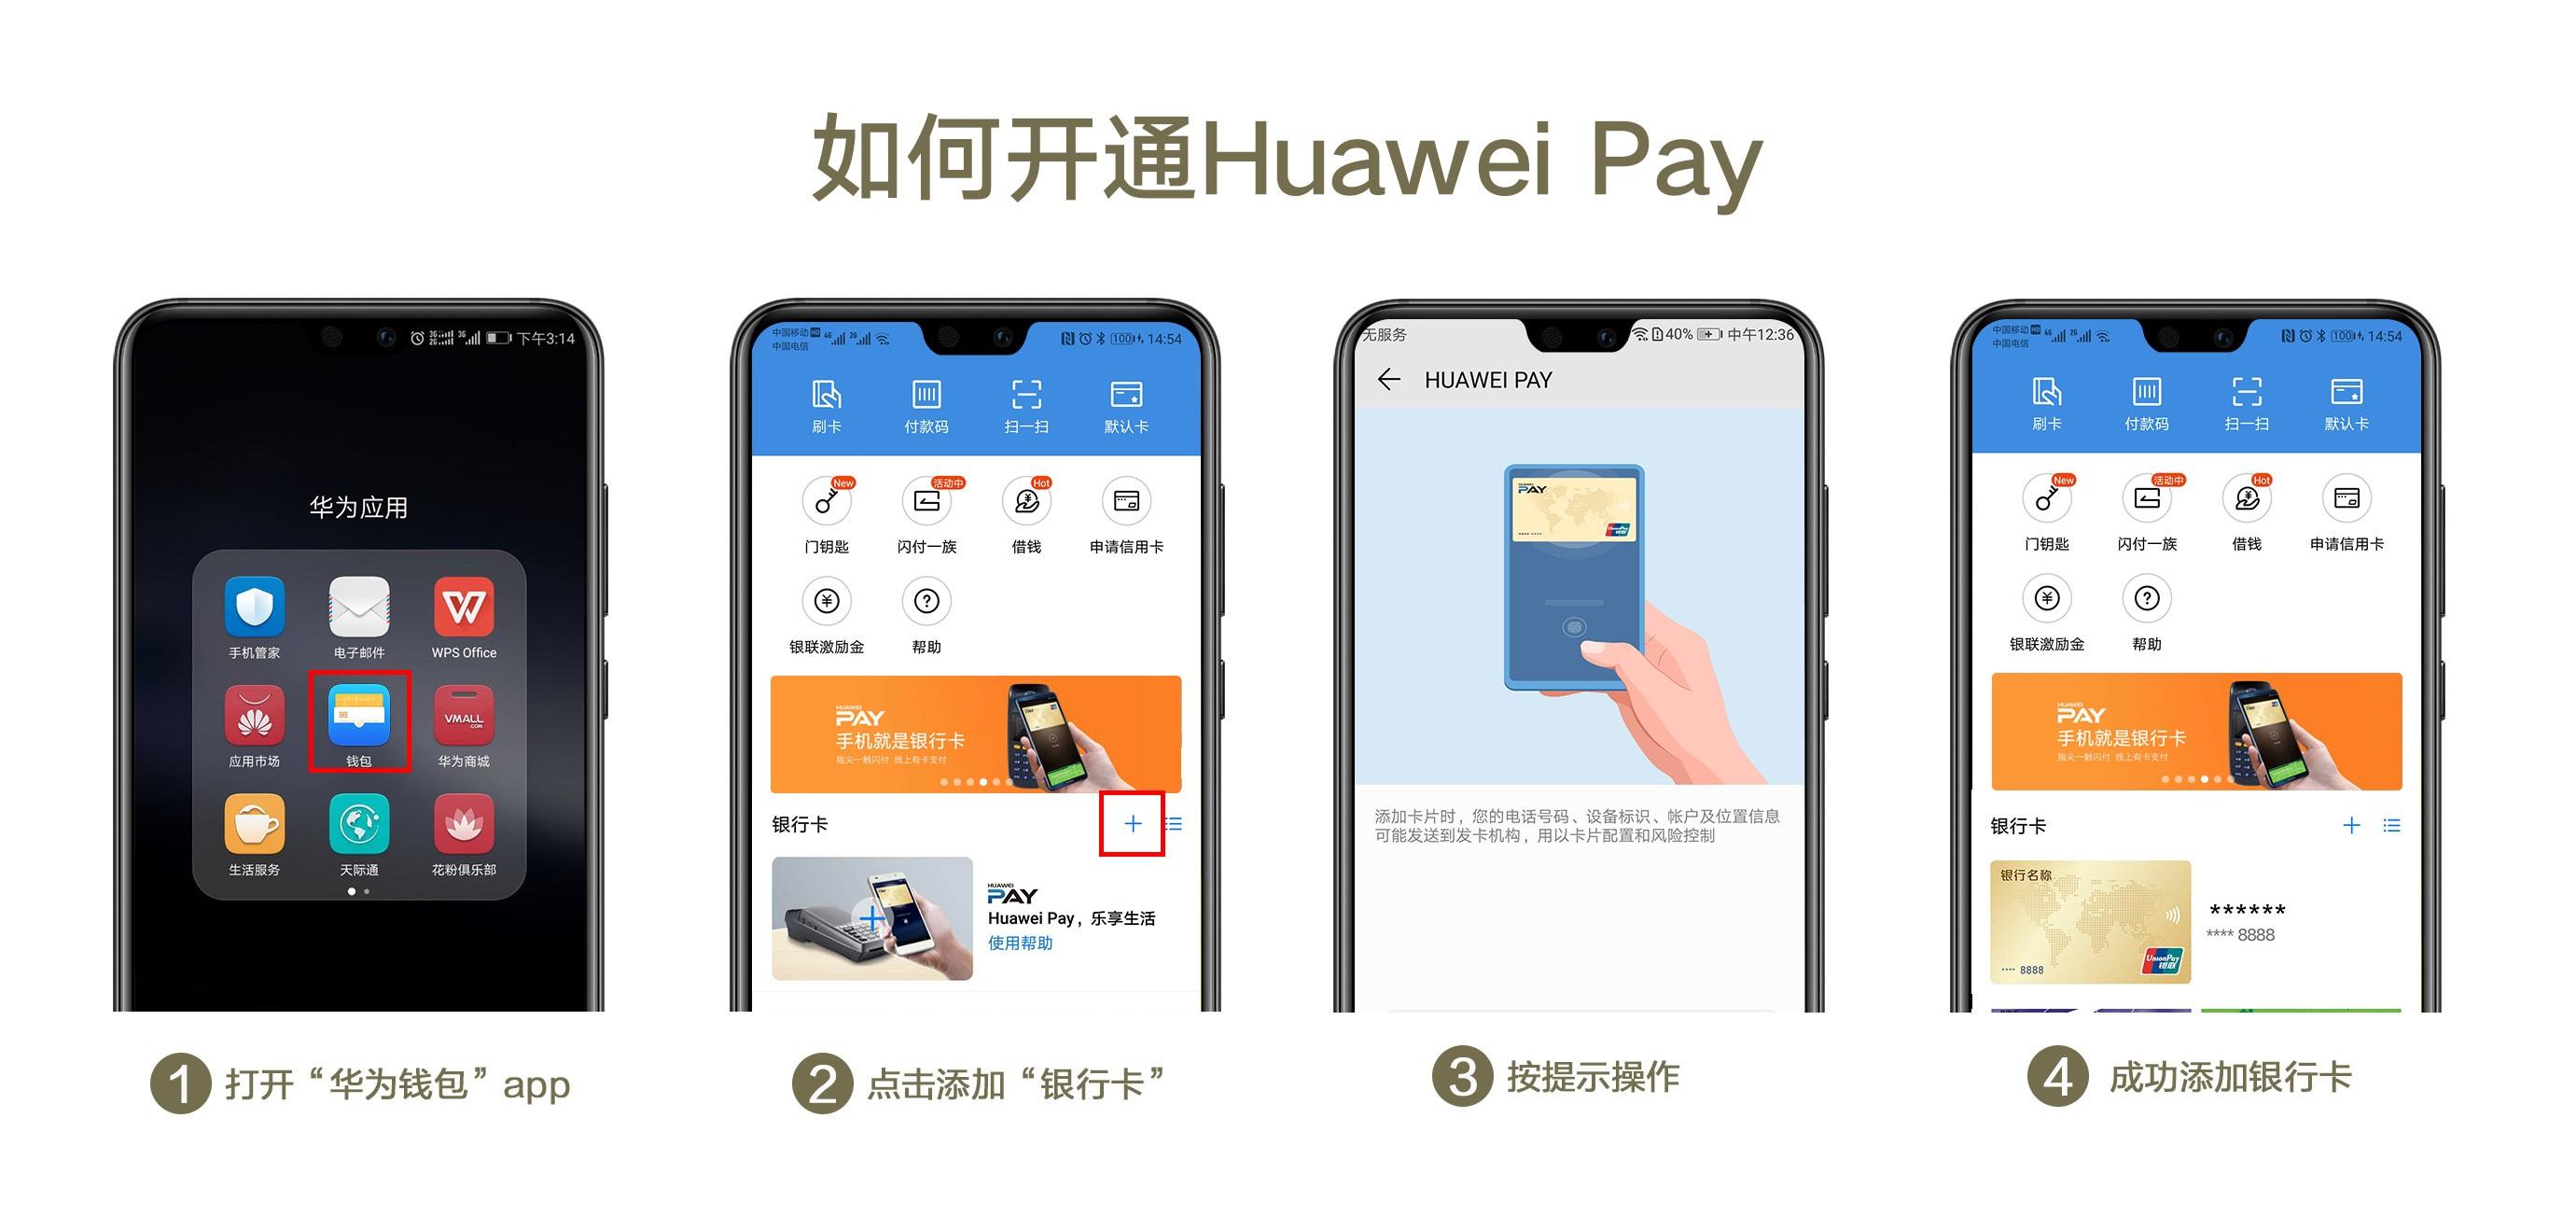 如何开通huawei Pay银行卡.jpg